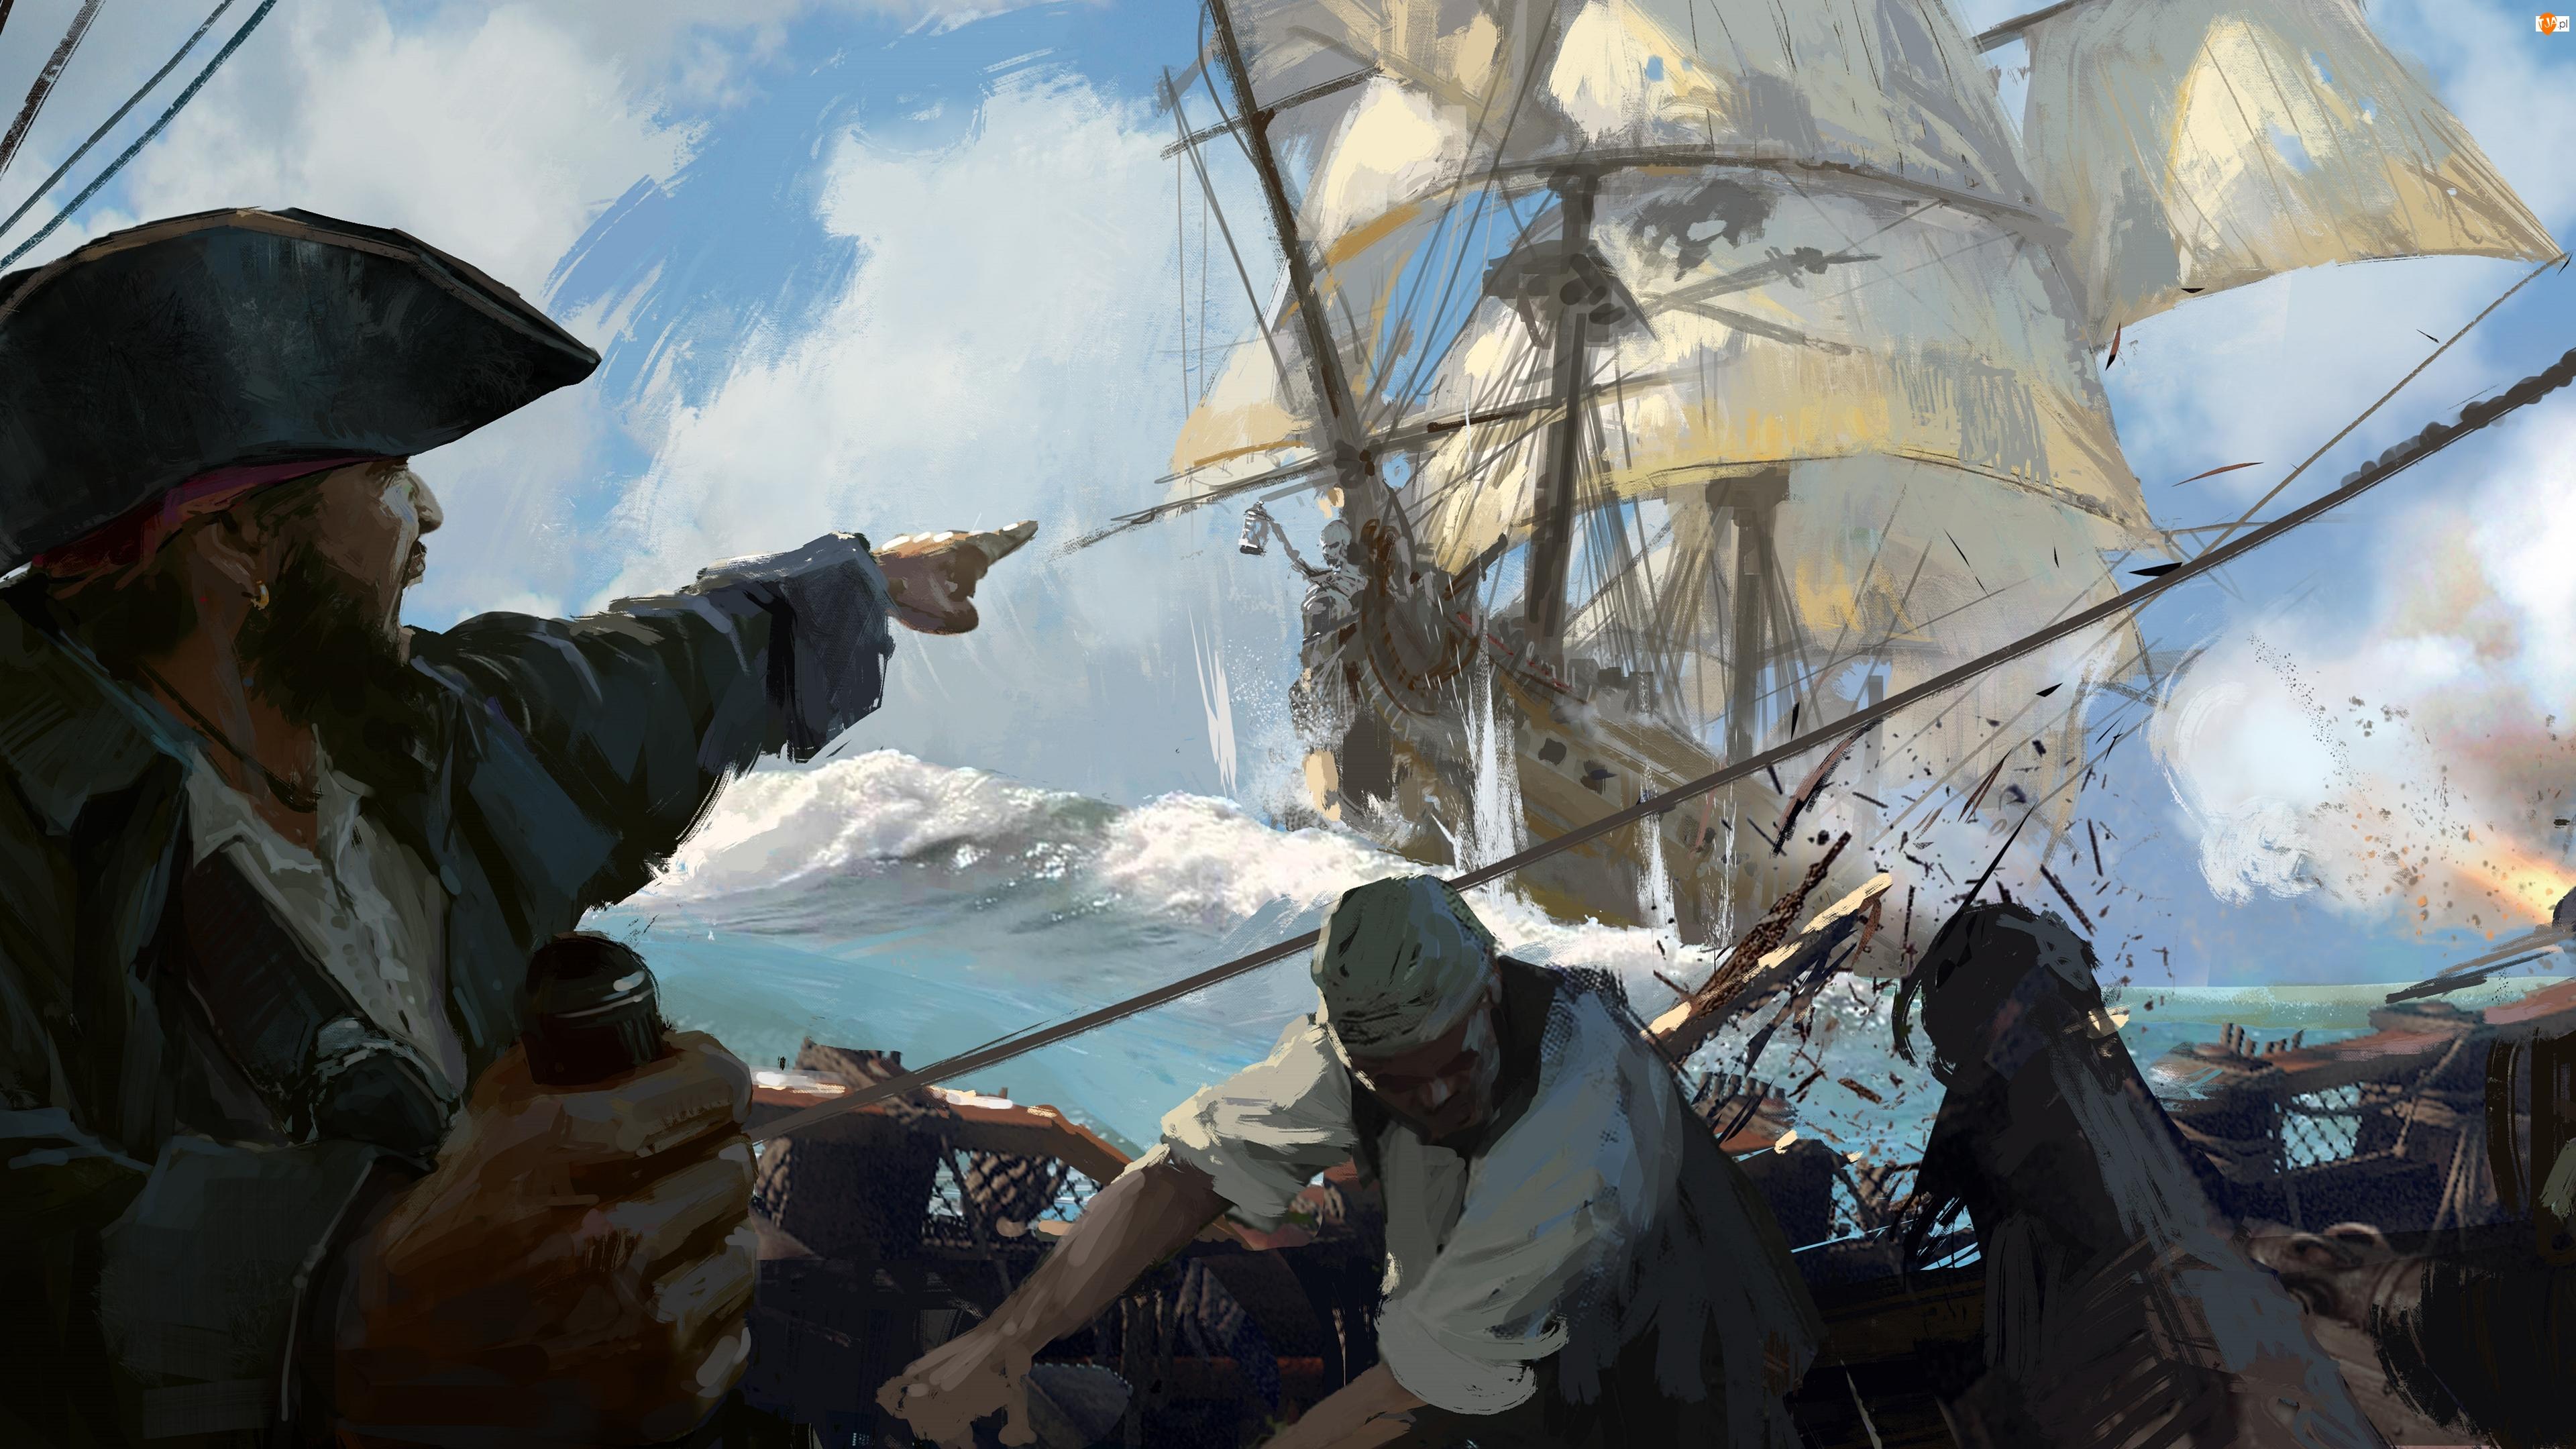 Piraci, Statek, Skull and Bones, Piracki, Walka, Żaglowiec